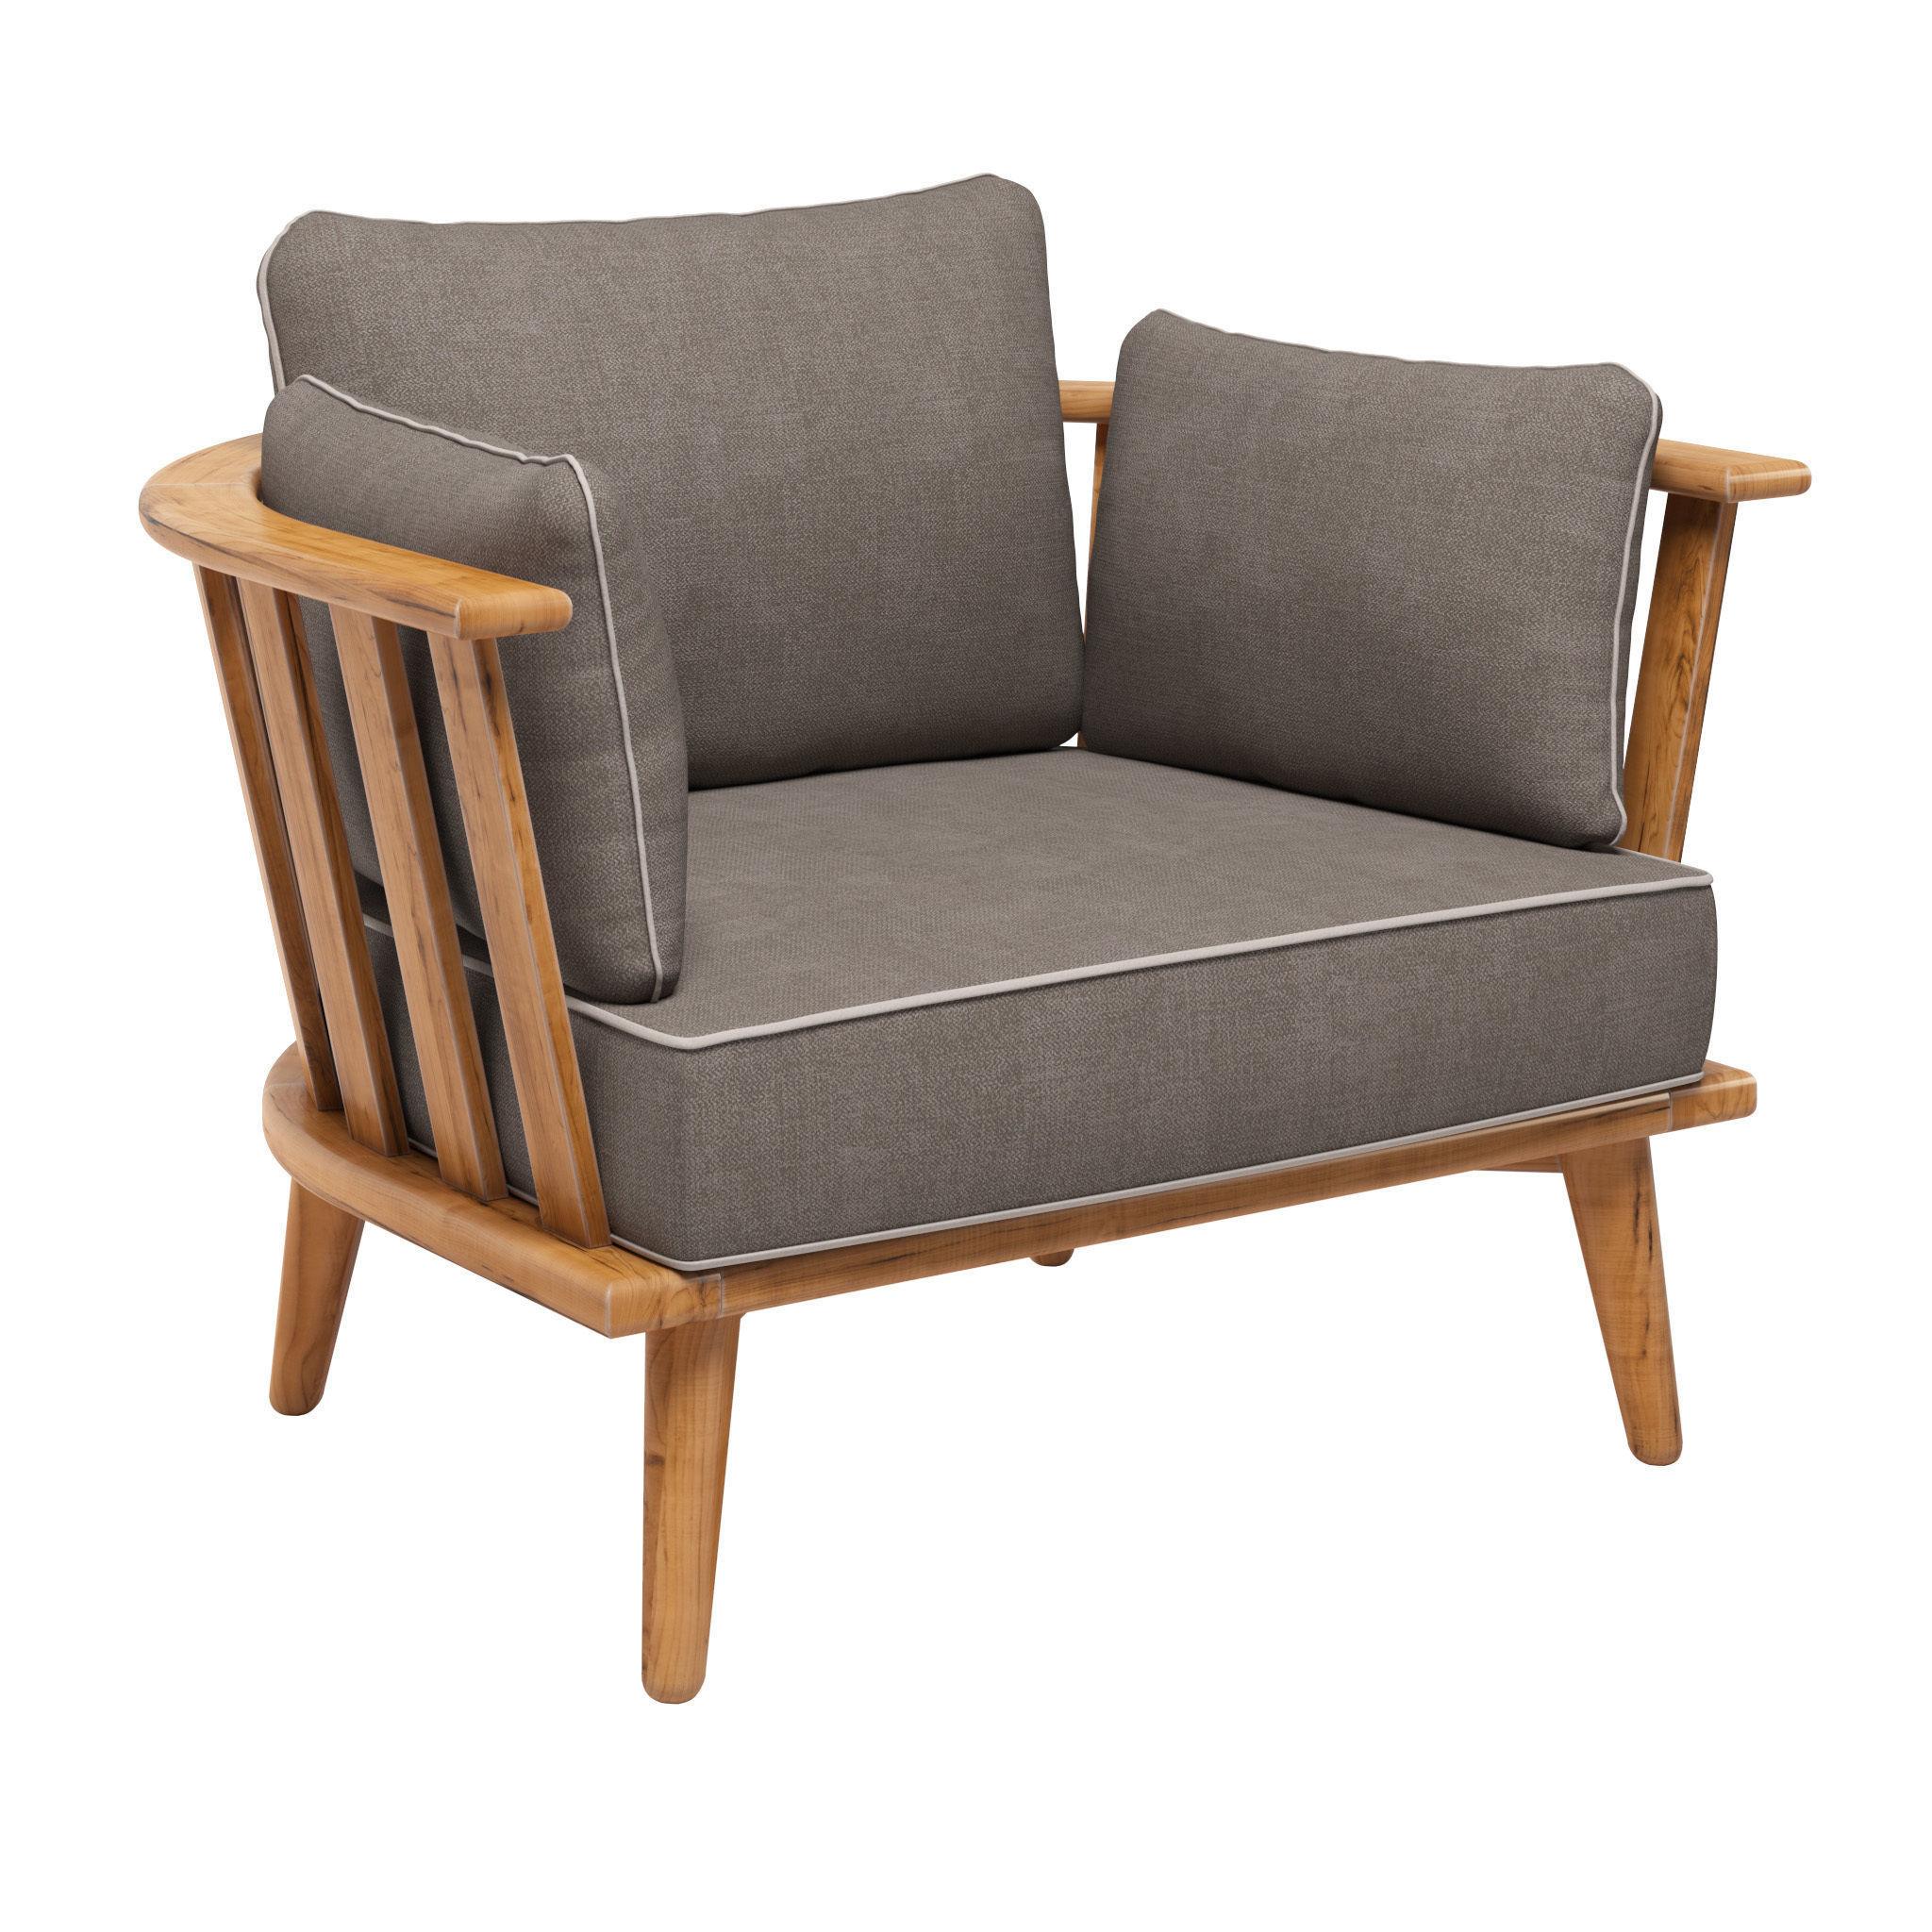 NOUMEA Garden armchair